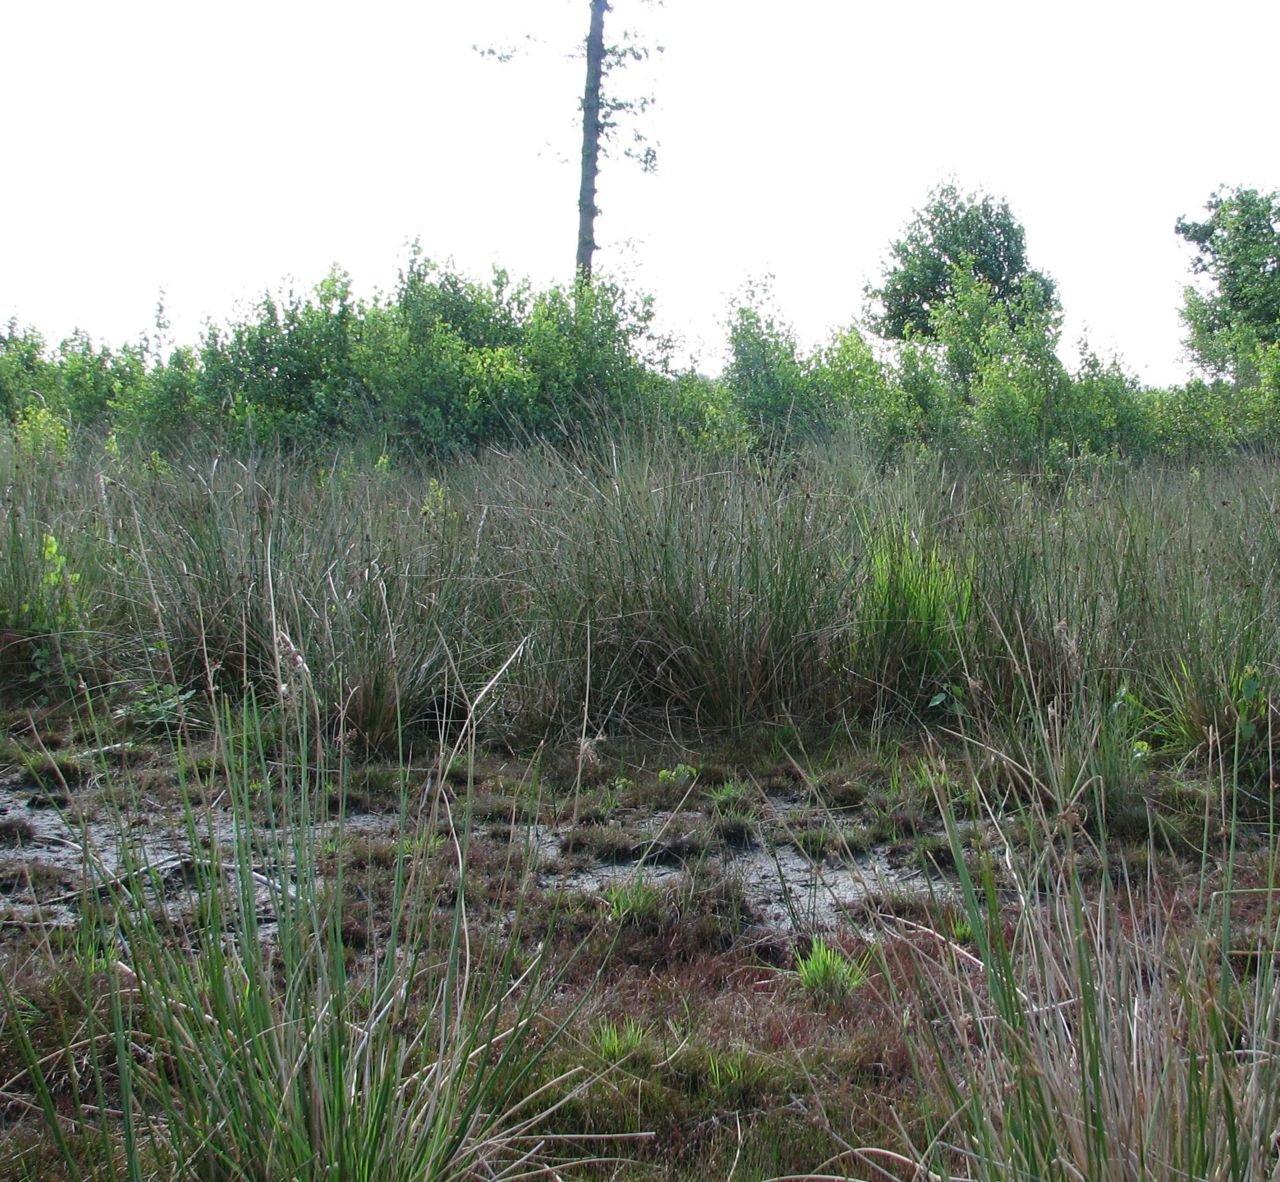 Het grootschalige heideherstel brengt nieuwe kansen voor typische heidesoorten zoals de Kleine zonnedauw (foto: Koen Leysen)